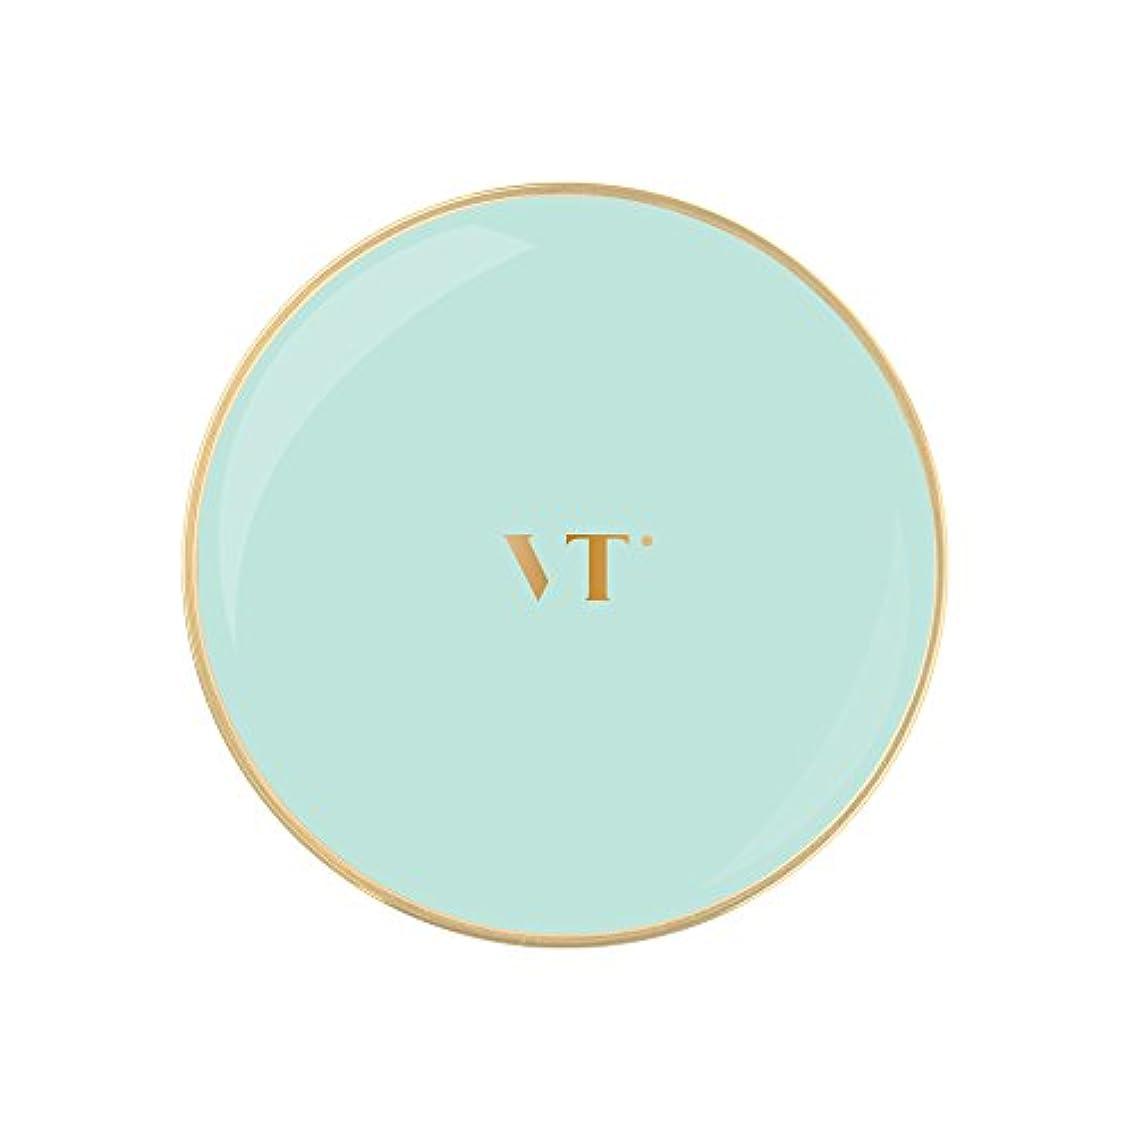 ドロップワードローブ幼児VT Blue Collagen Pact 11g/ブイティー ブルー コラーゲン パクト 11g (#23) [並行輸入品]